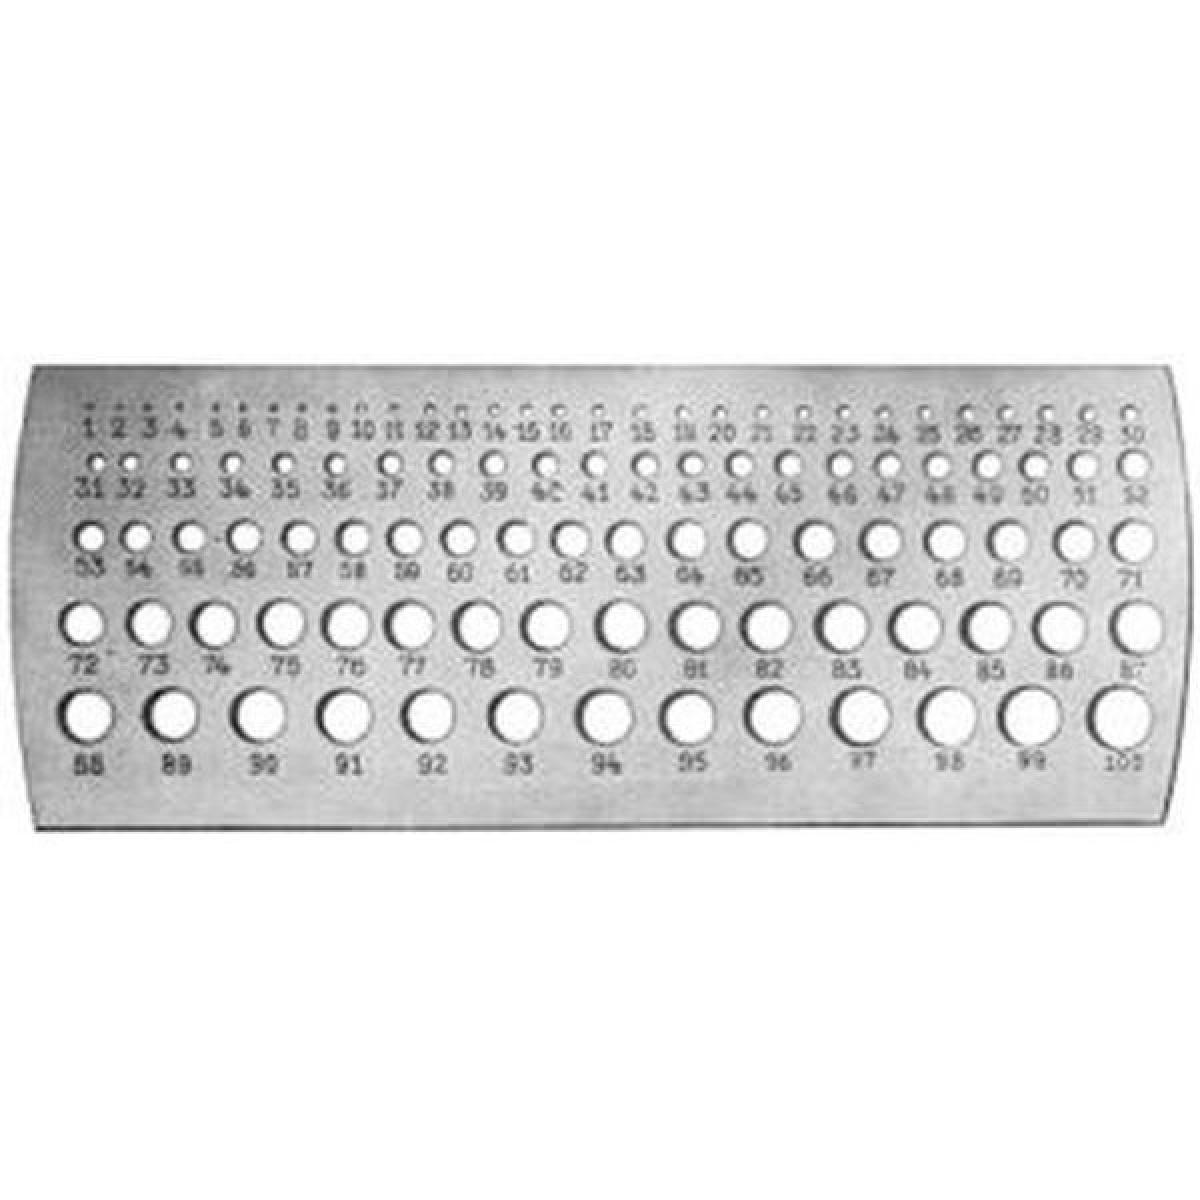 Forum 3 x Jauge millimétrique de perçage, Plage de mesure : 0,1-10 mm, Pas 0,1 mm, Nombre de trous 100